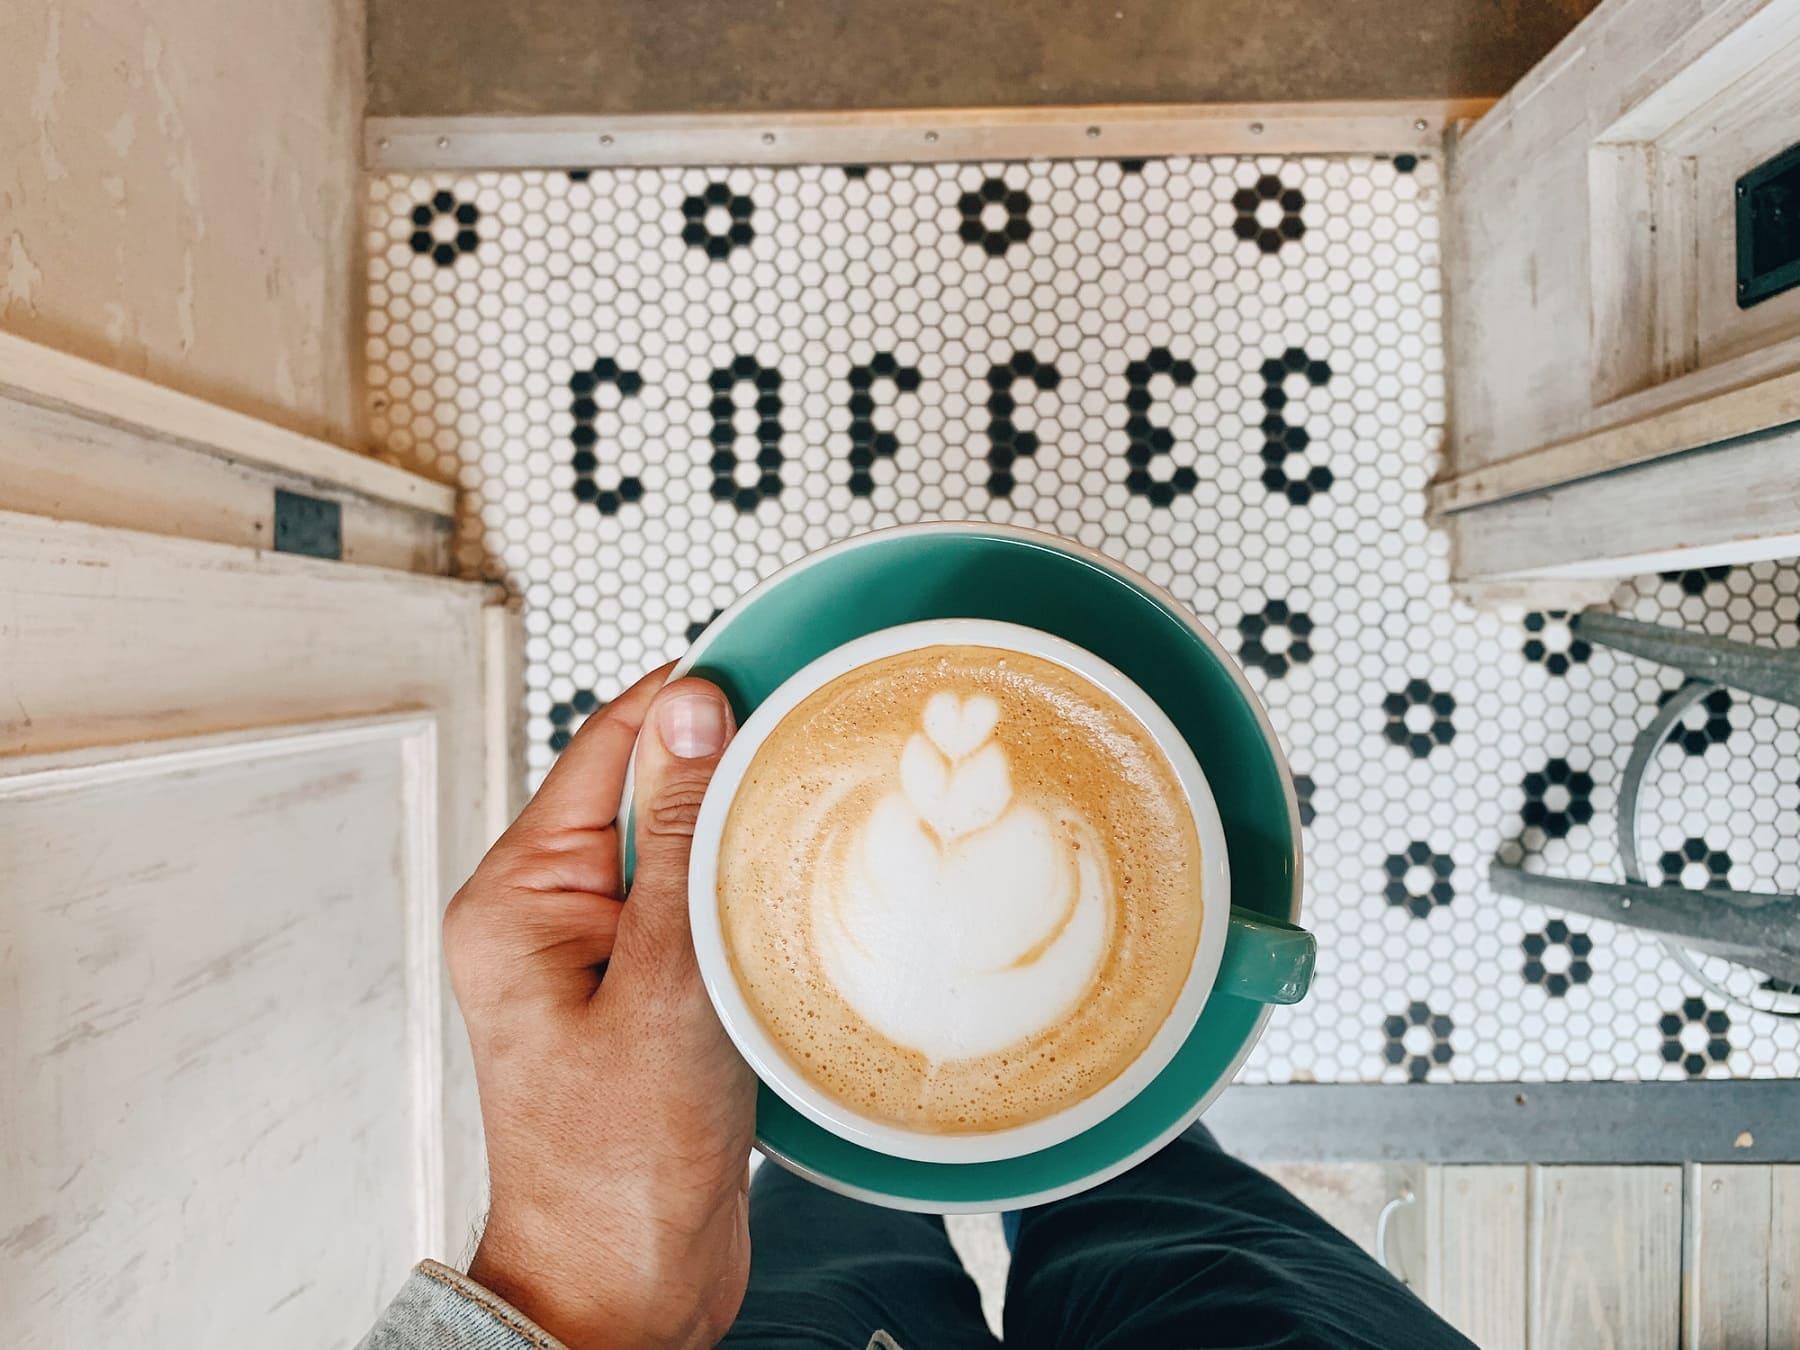 Kaffeetrends 2021: Ein Mann hält eine Kaffeetasse